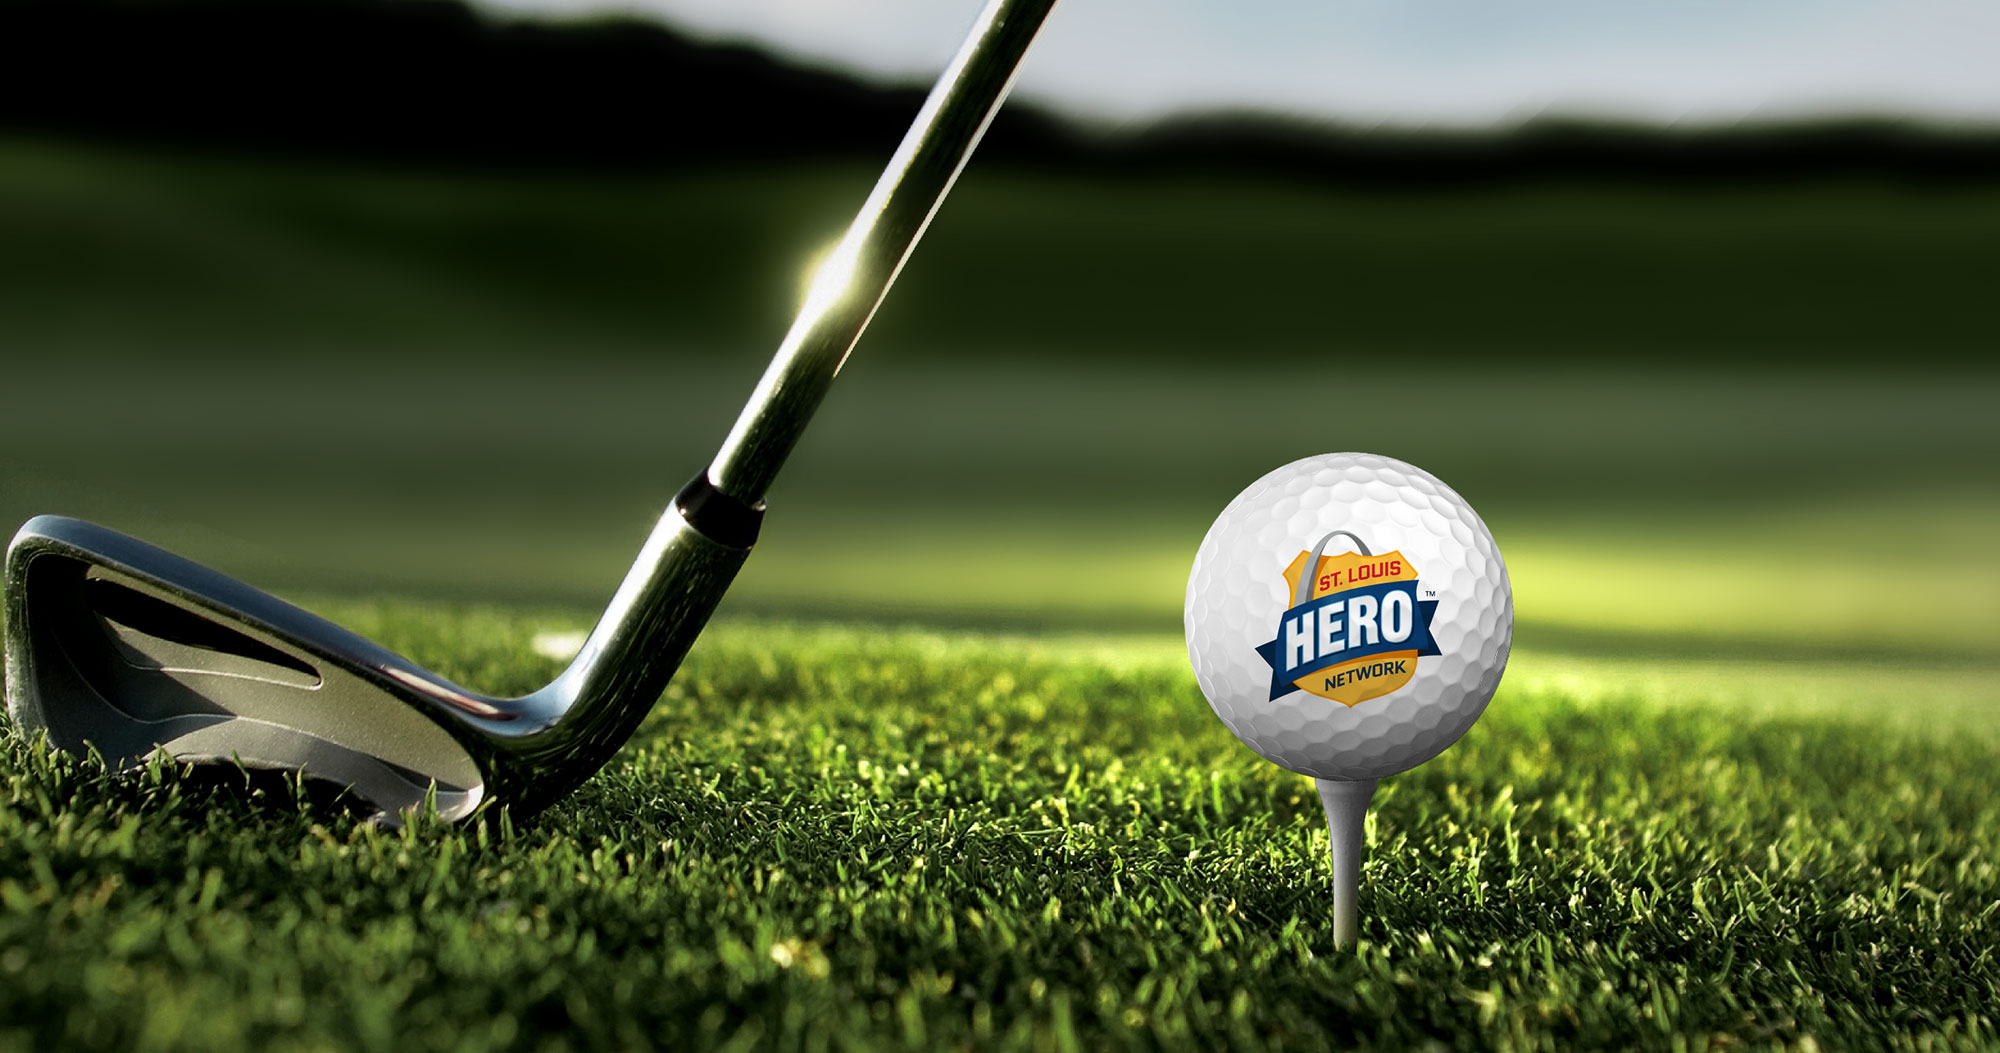 hero-golfball-design